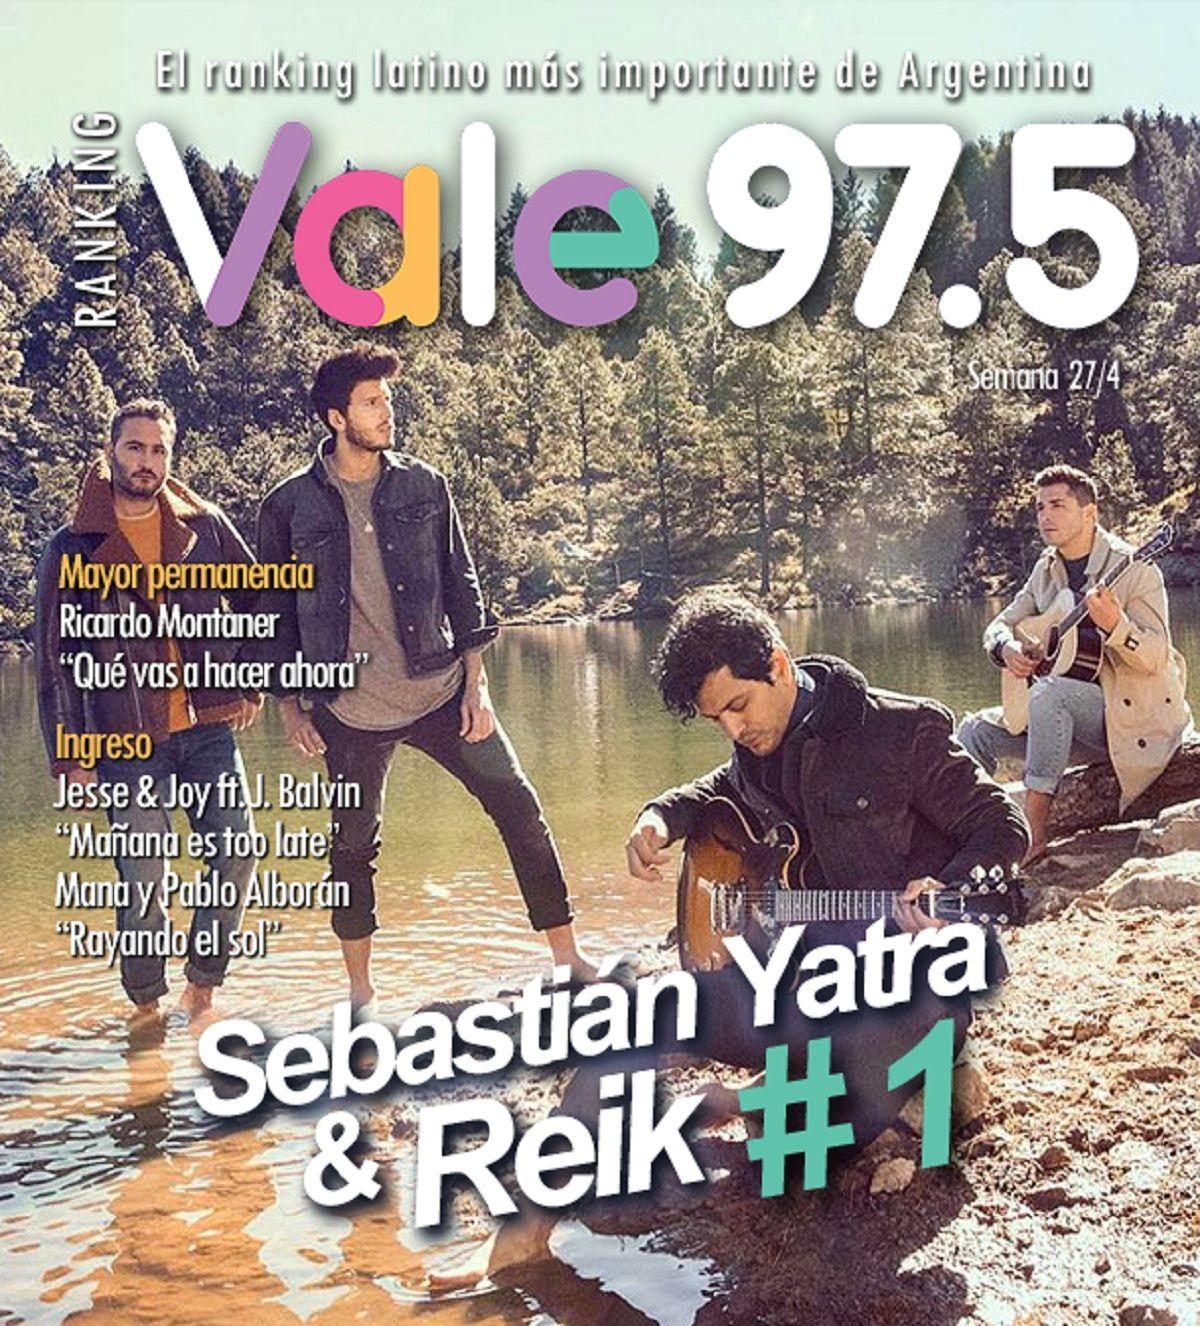 Sebastián Yatra y Reik llegaron a la cima del Ranking Vale